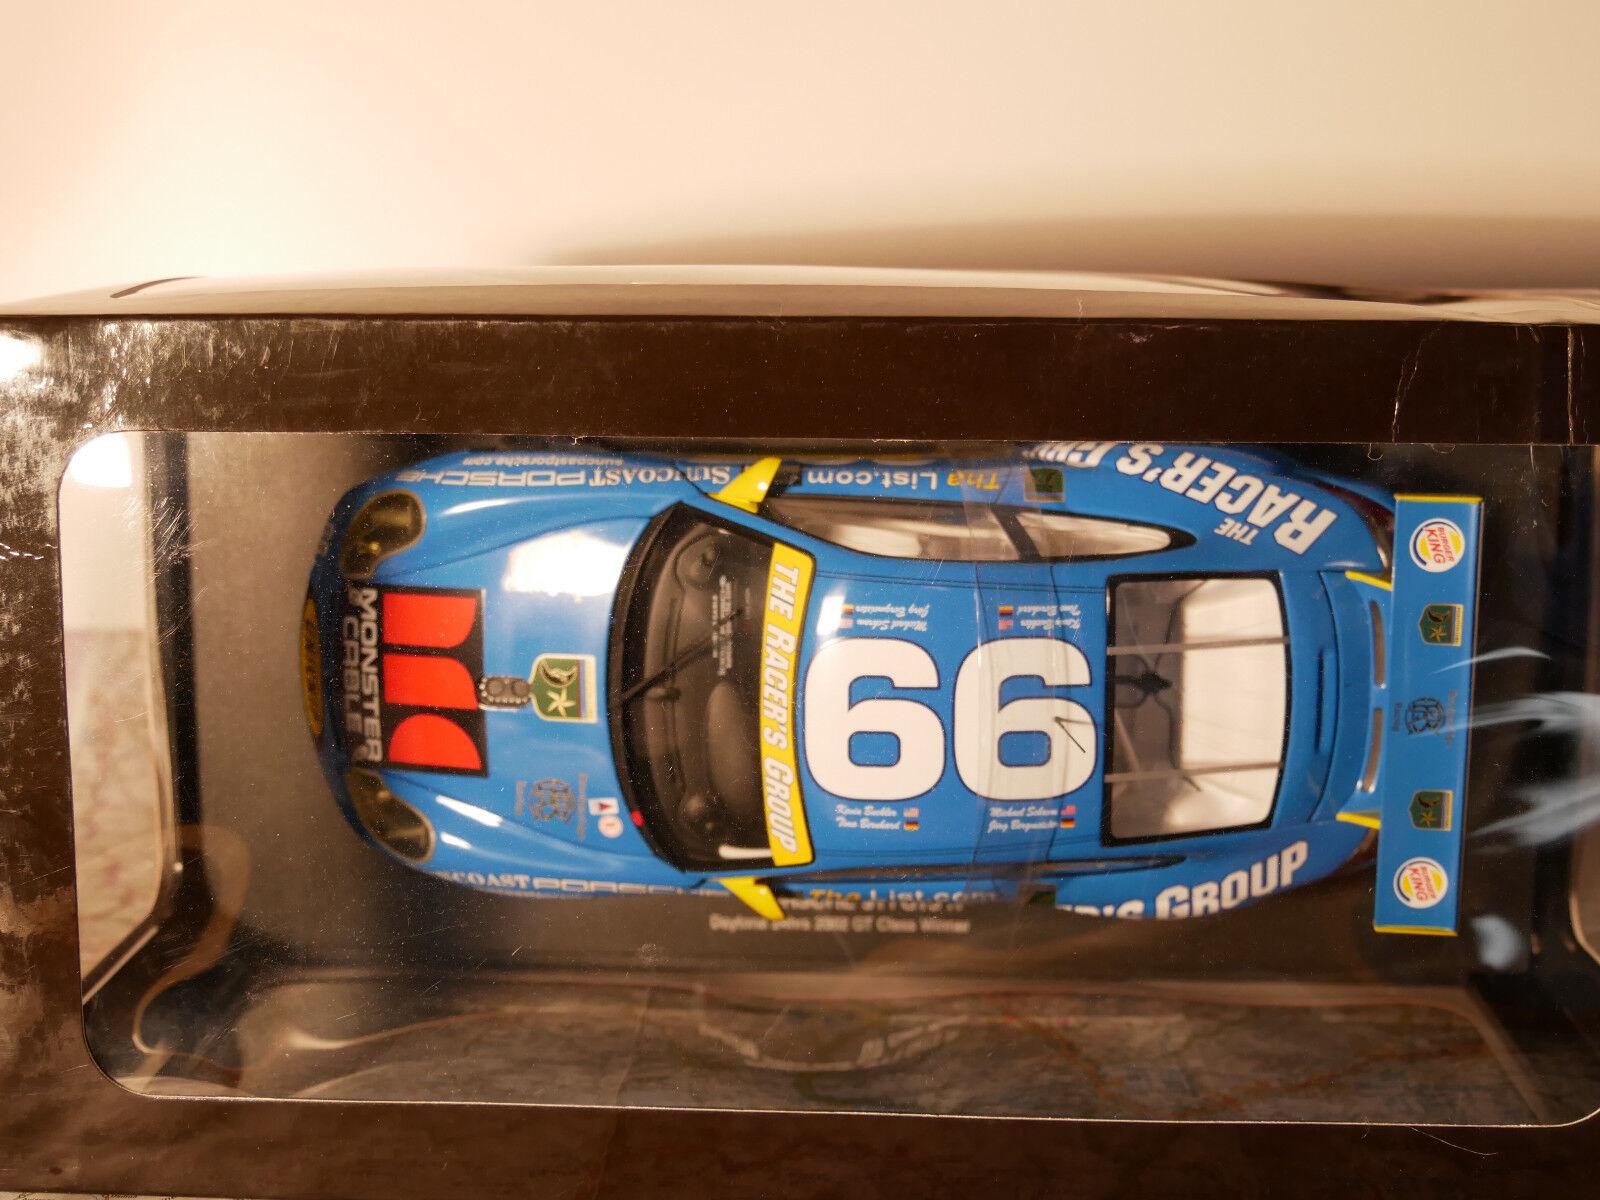 AURO ART PORSCHE 911 GT3 R DAYTONA 24HRS 24HRS 24HRS 2002 CLASS WINNER ART.80273 1 18  NEW 5460e5